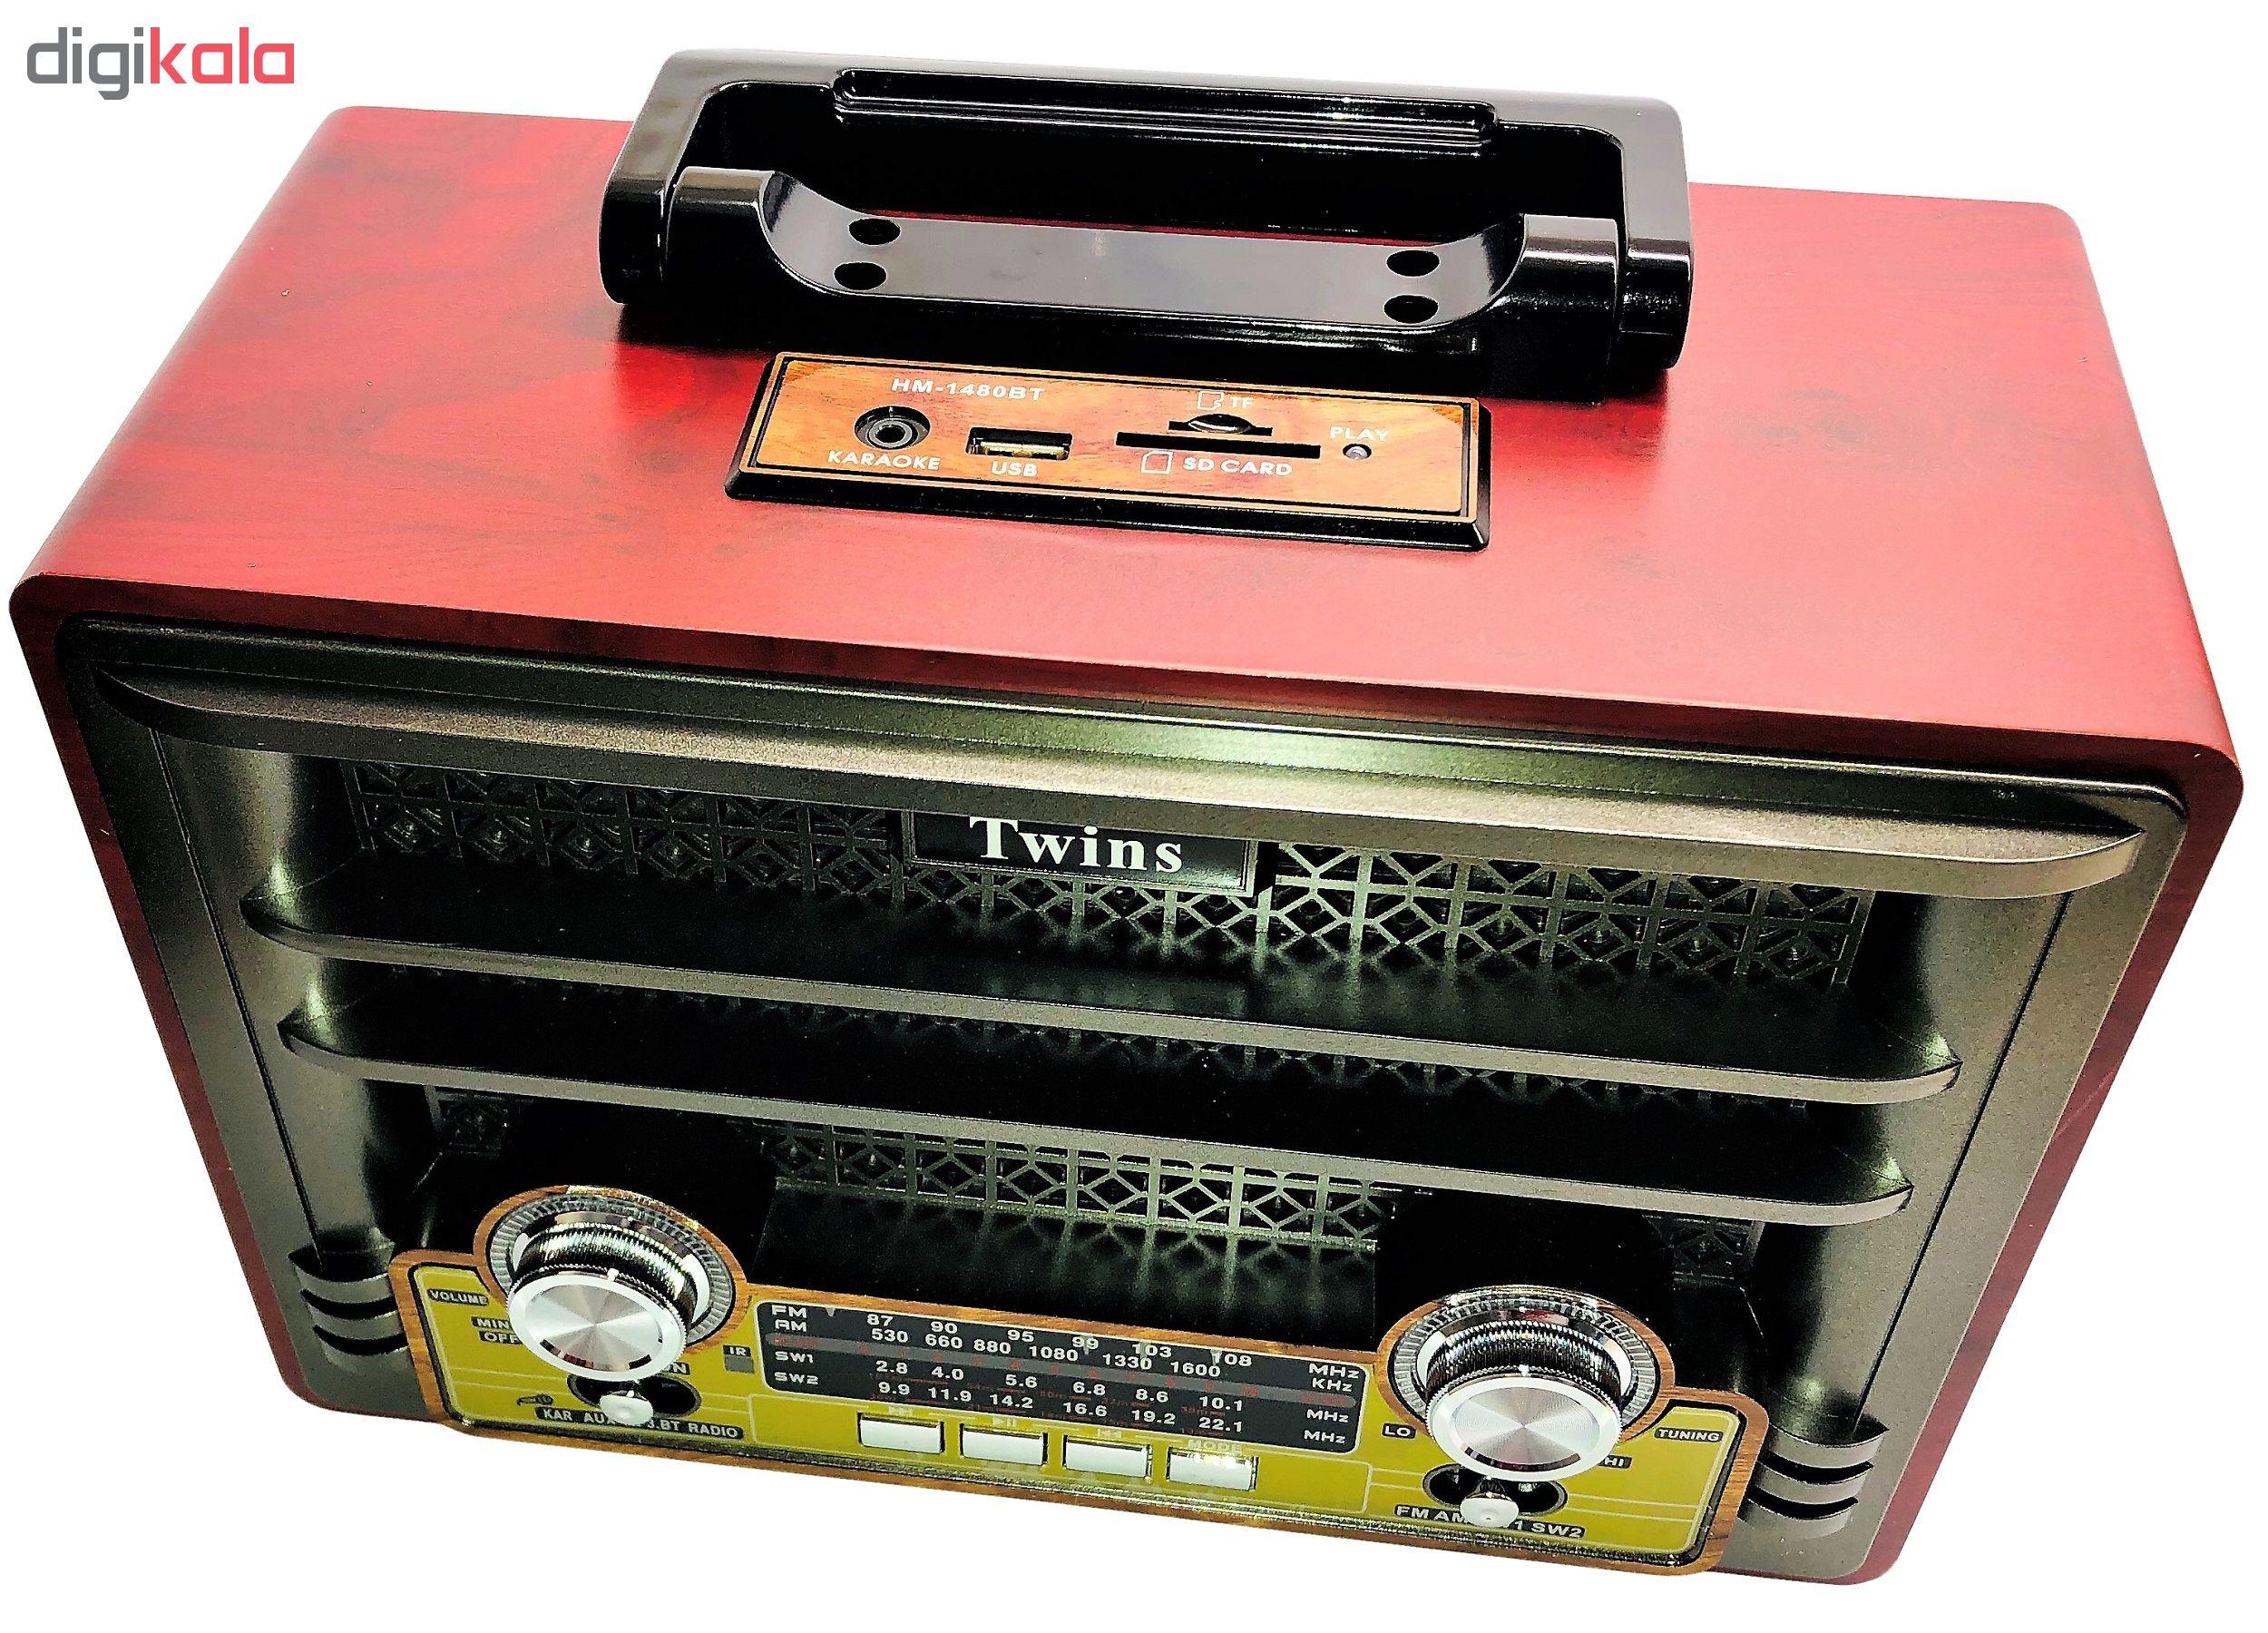 خرید اینترنتی رادیو توینس مدل 1480BT اورجینال